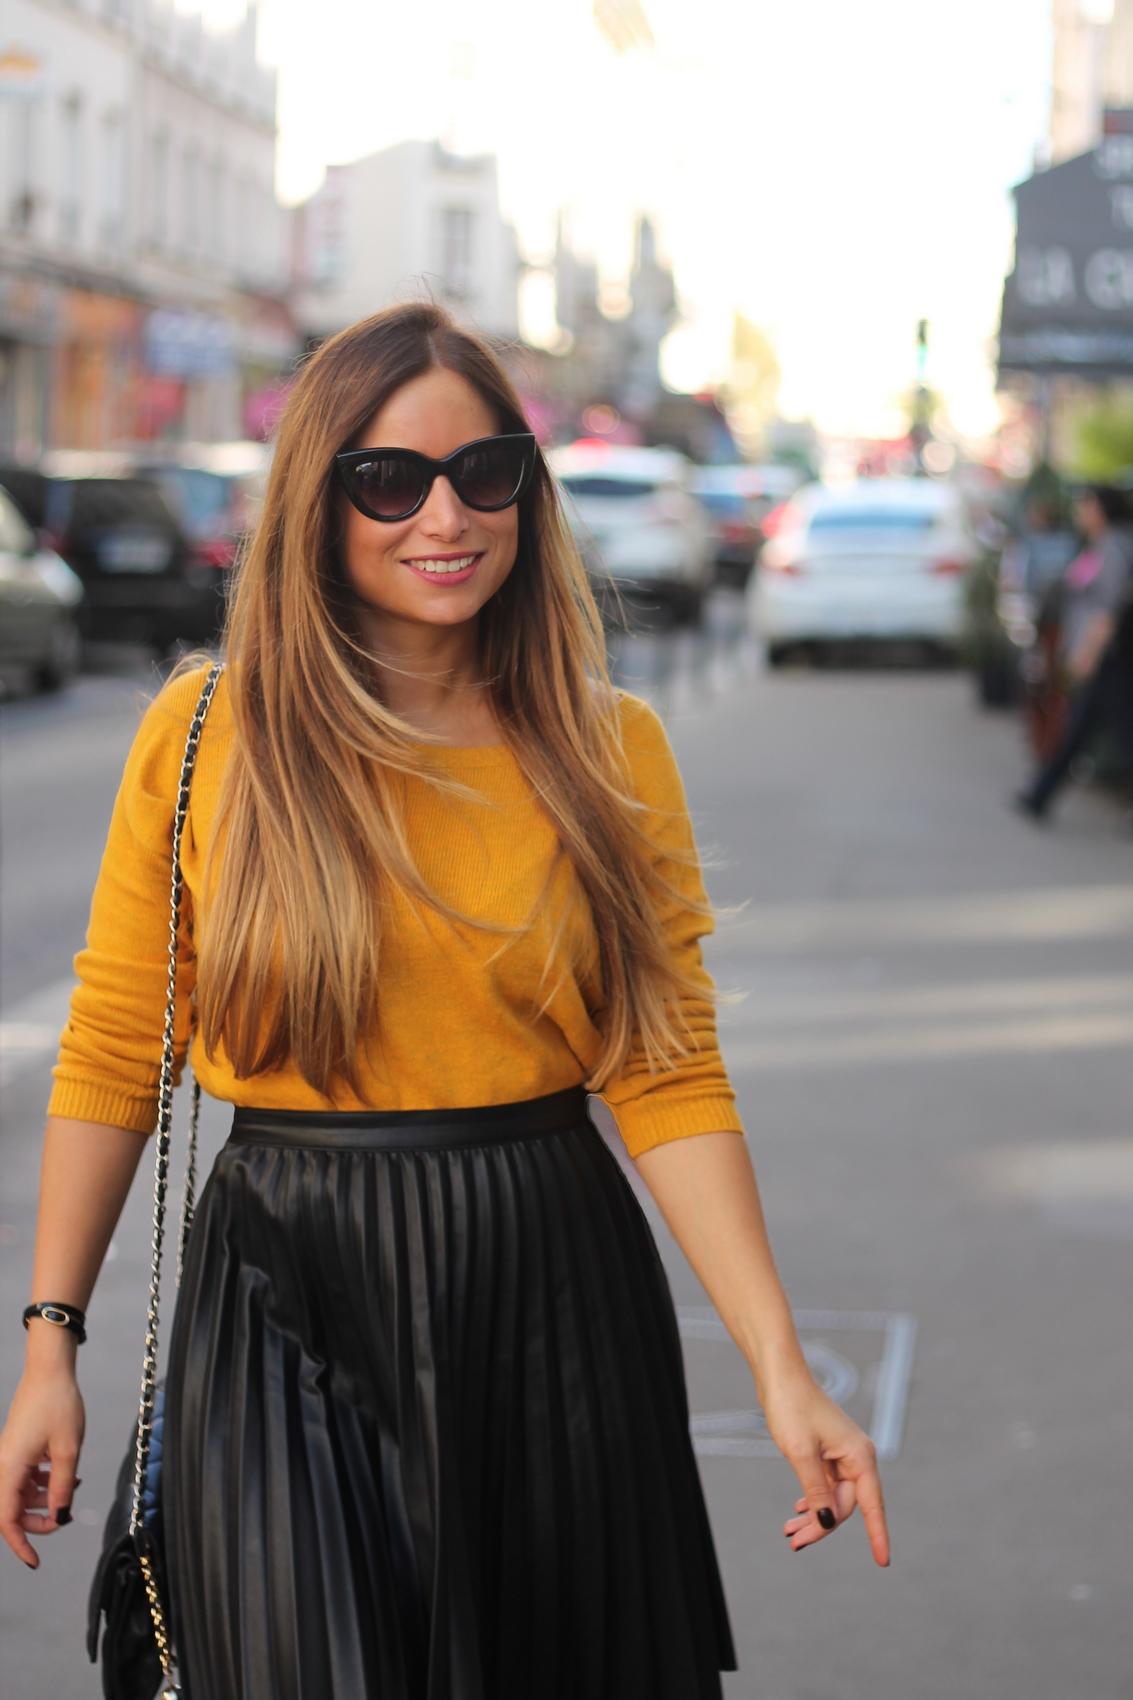 jupe en cuir plissée et sweet fashion blog mode